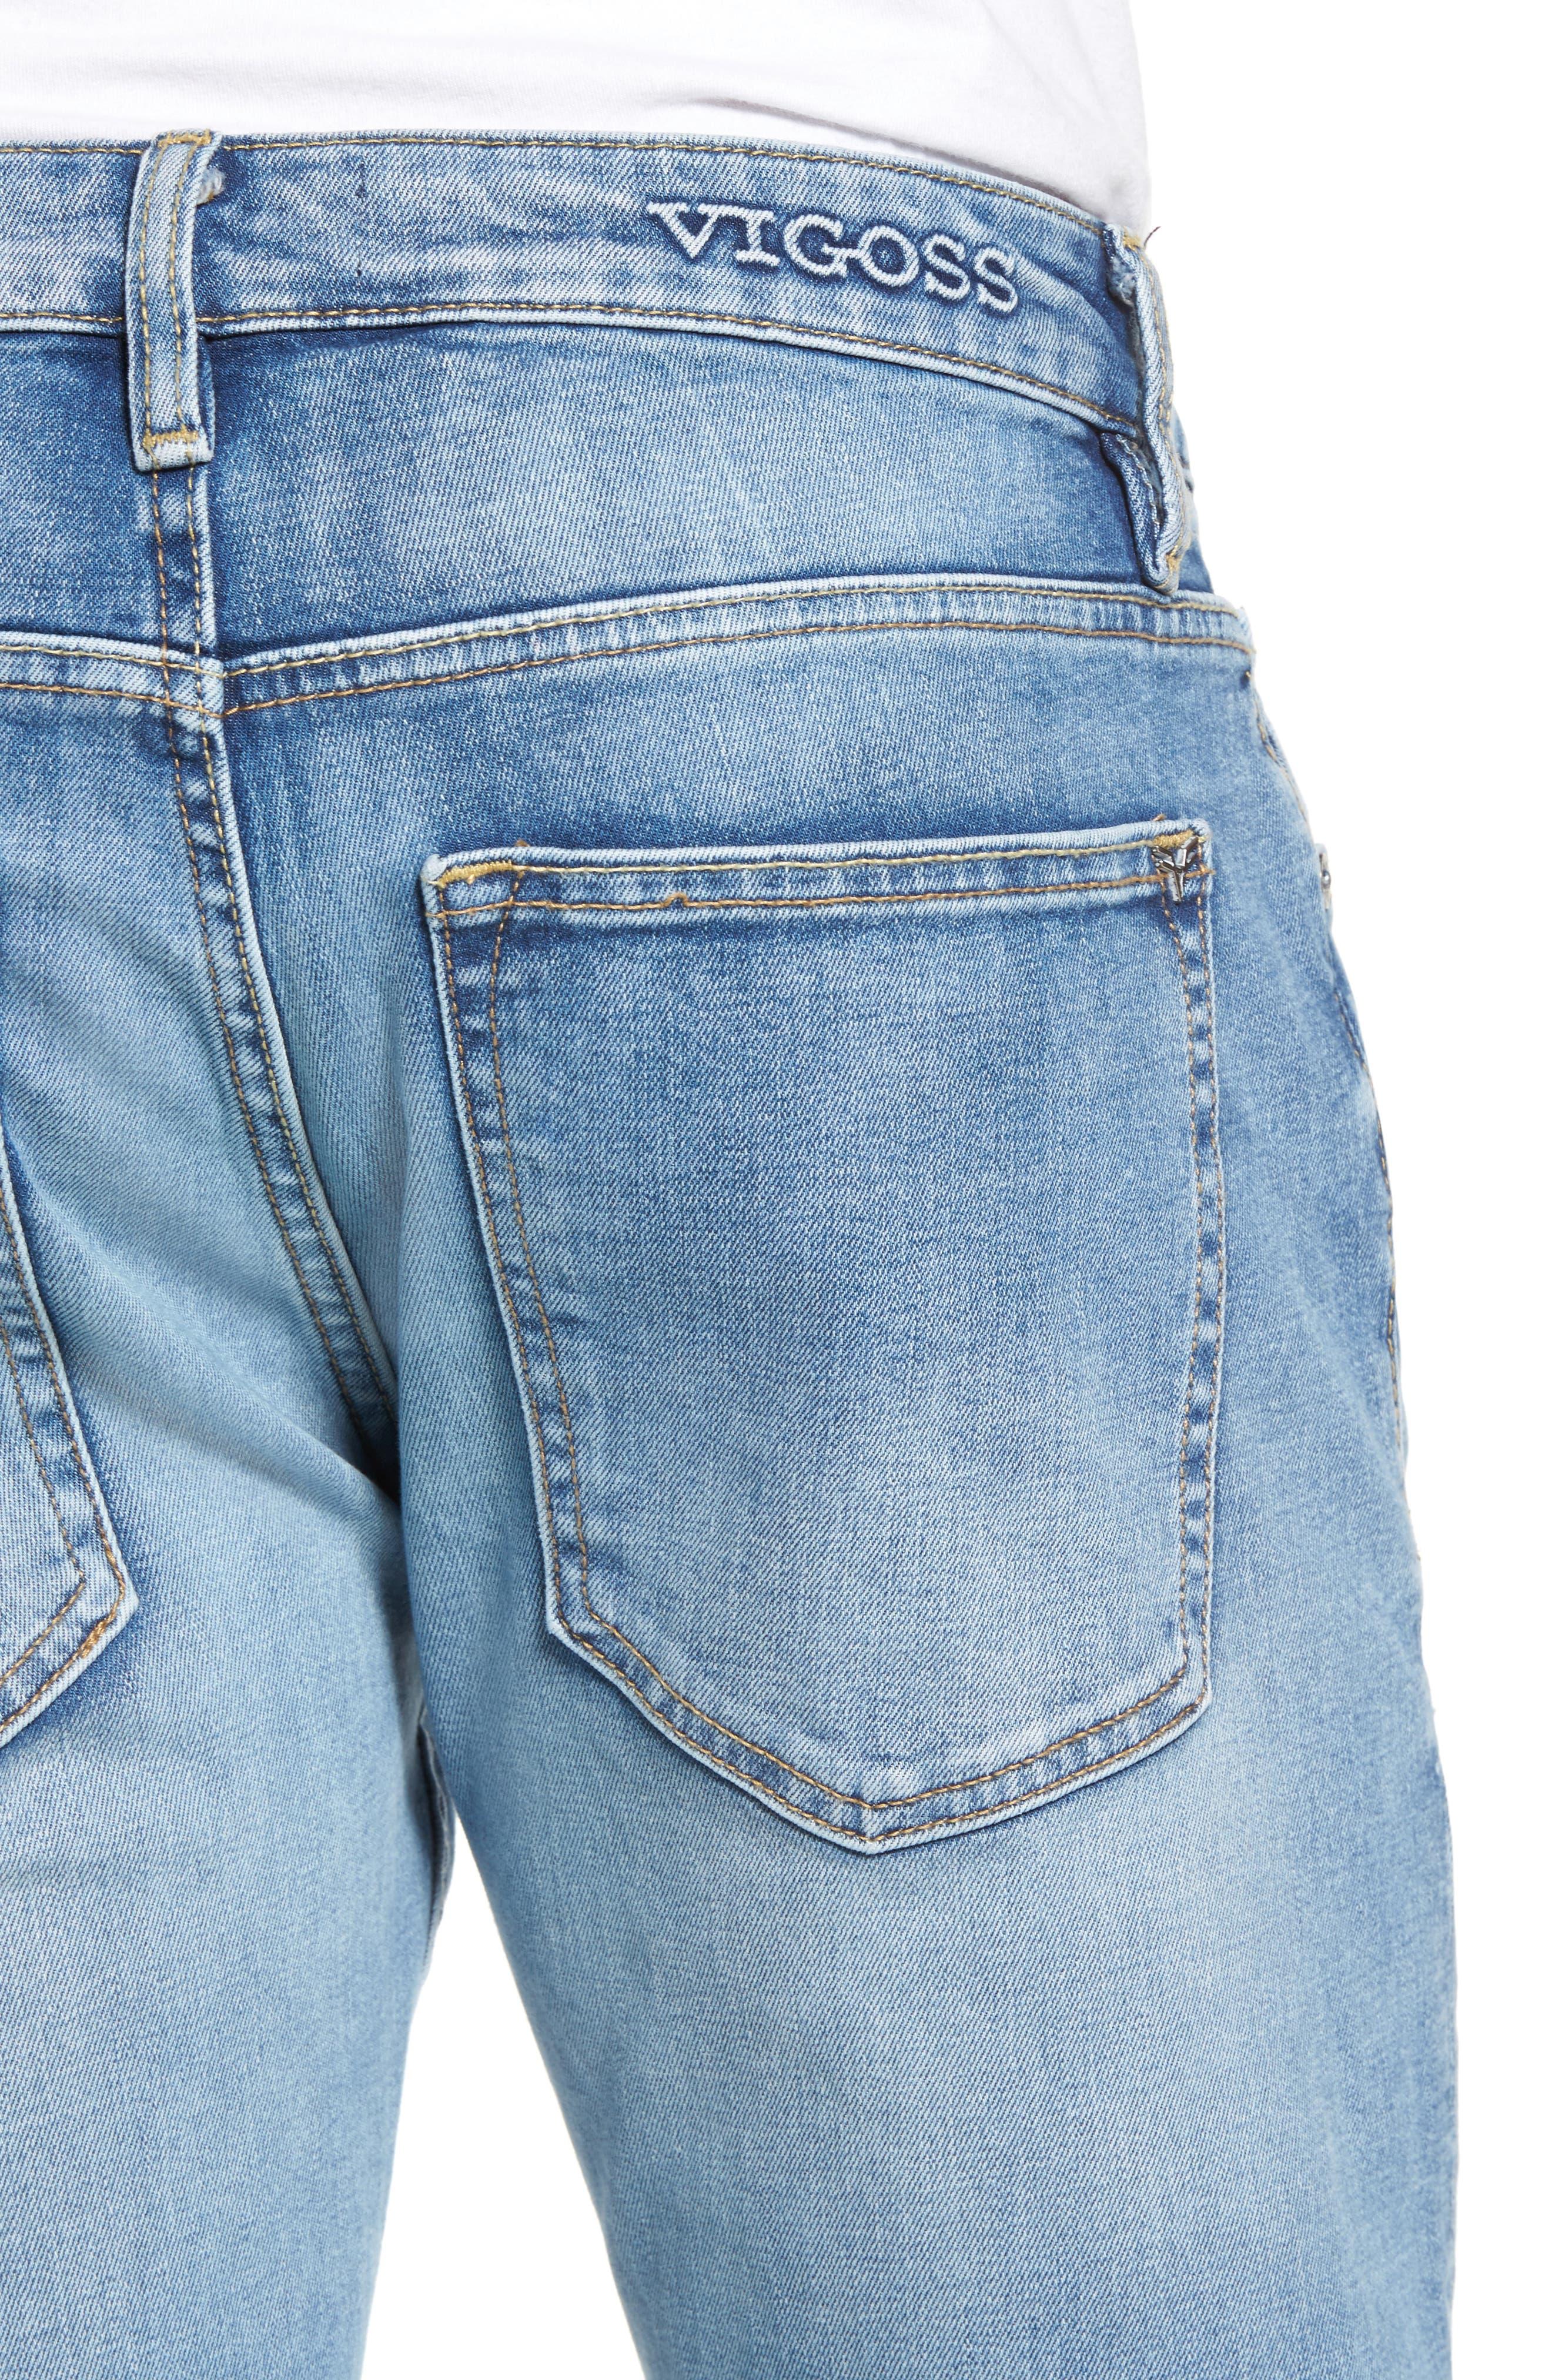 Alternate Image 4  - Vigoss Slim Straight Leg Jeans (Light Wash)